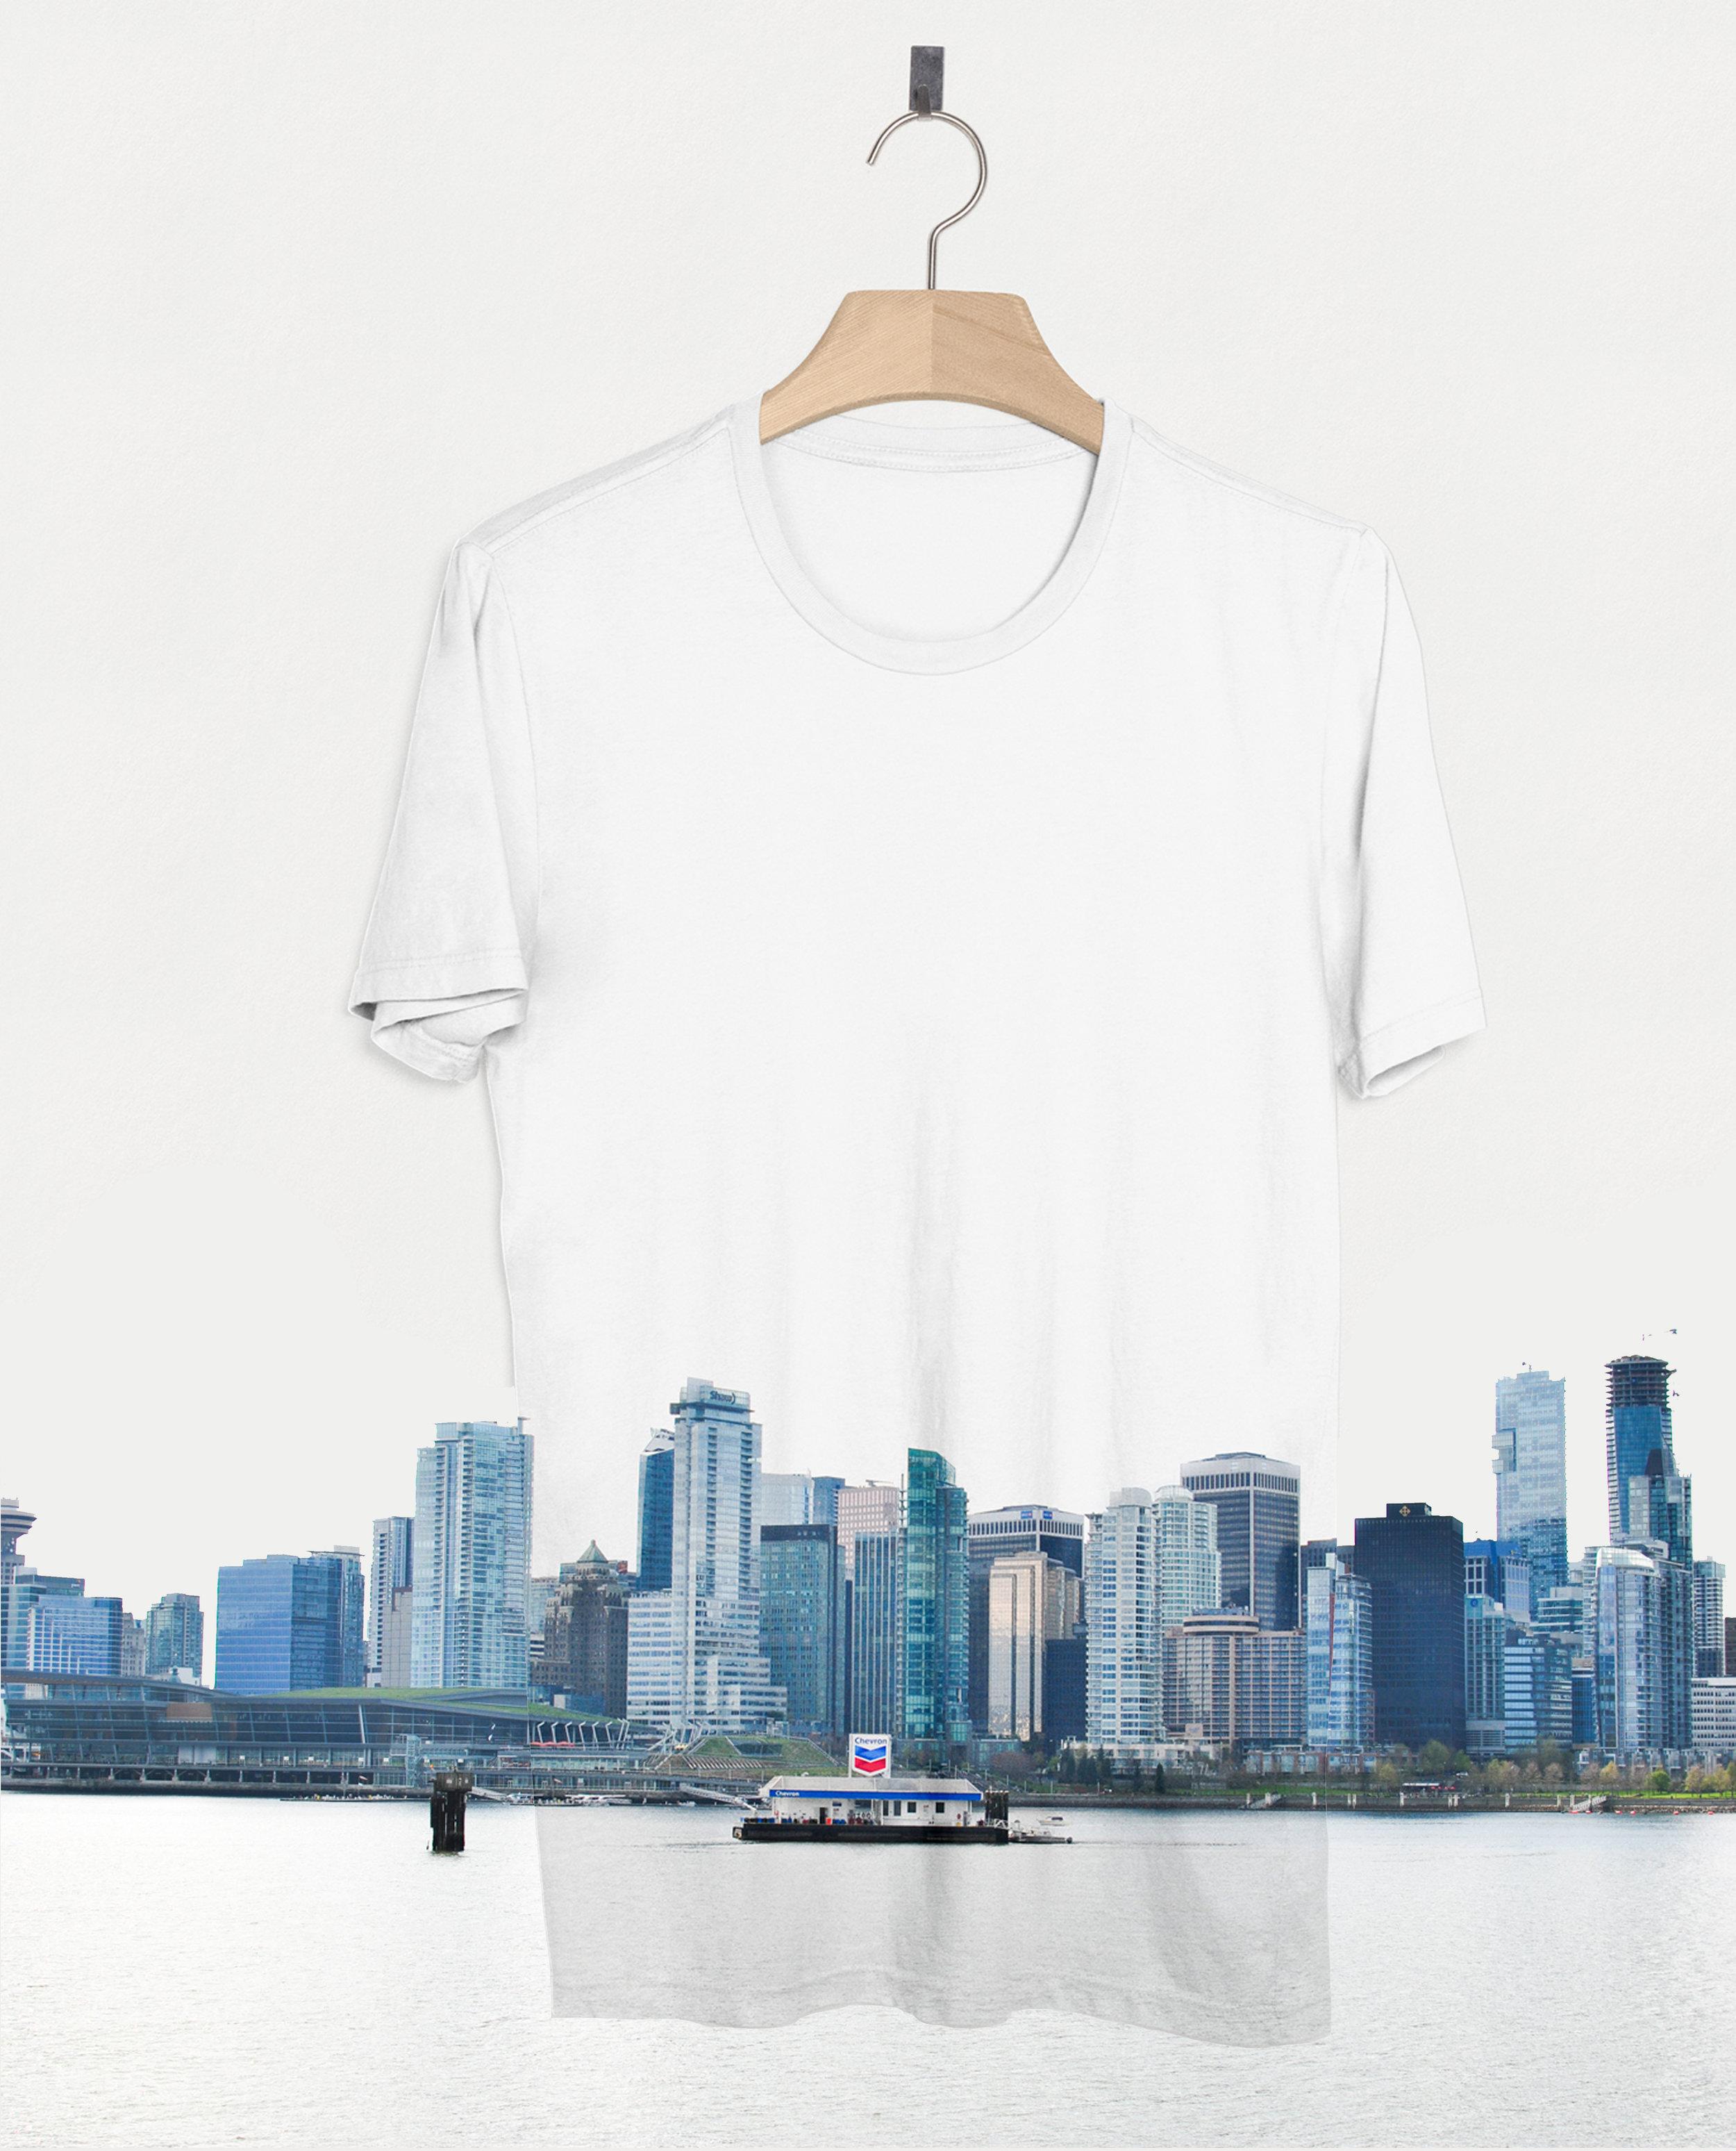 WBW_Tshirt_Vancouver.jpg